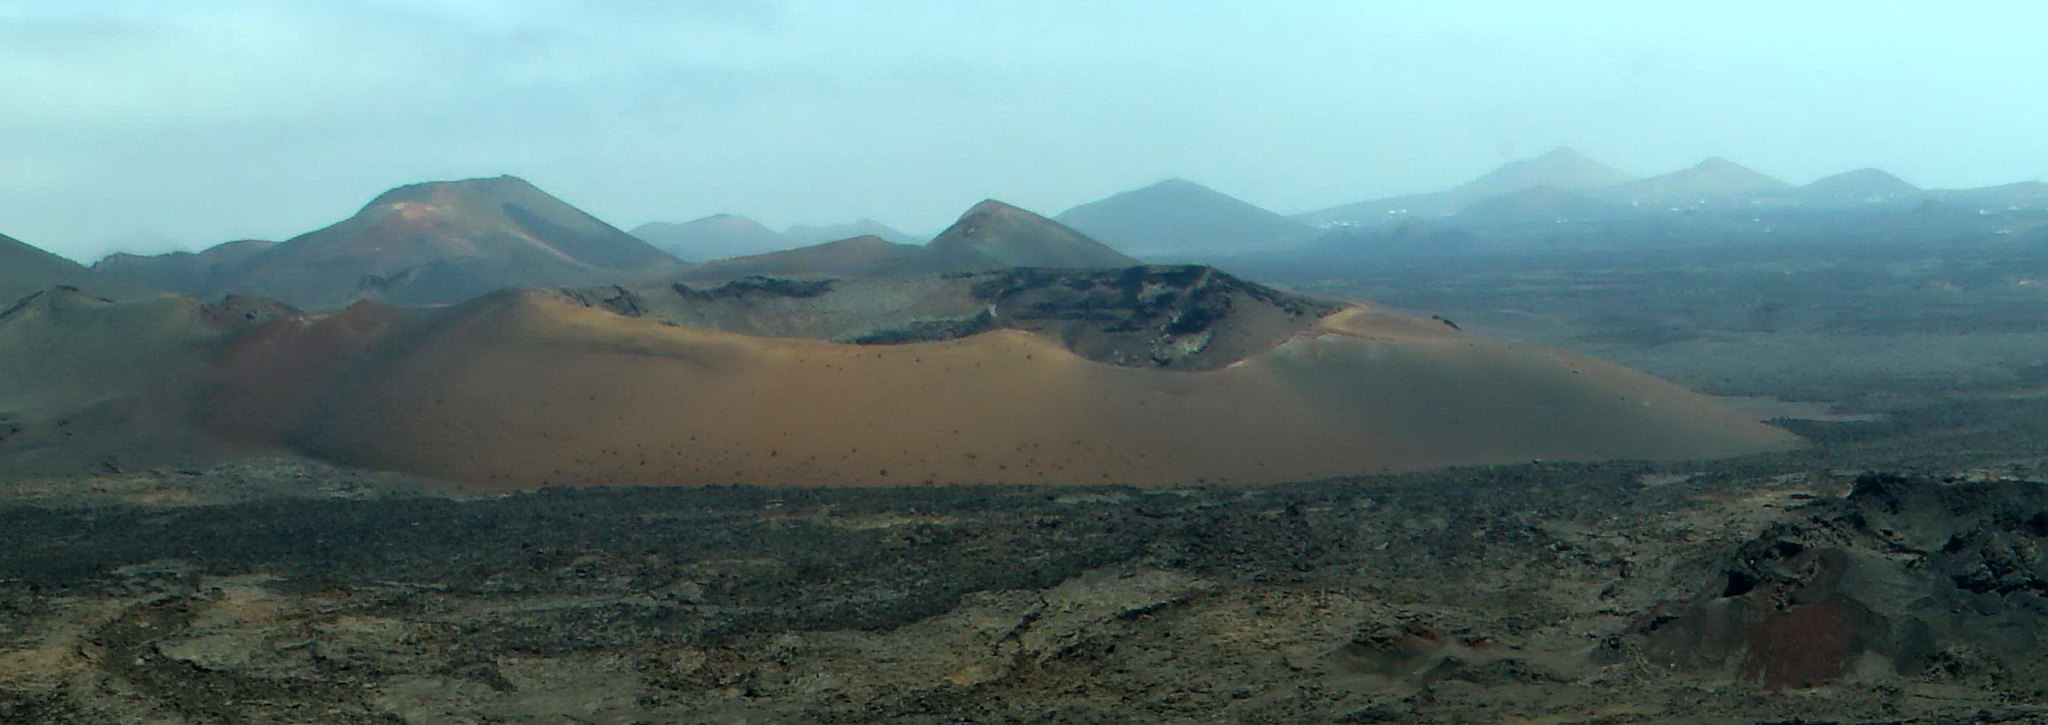 Parque Nacional de Timanfaya Isla de Lanzarote